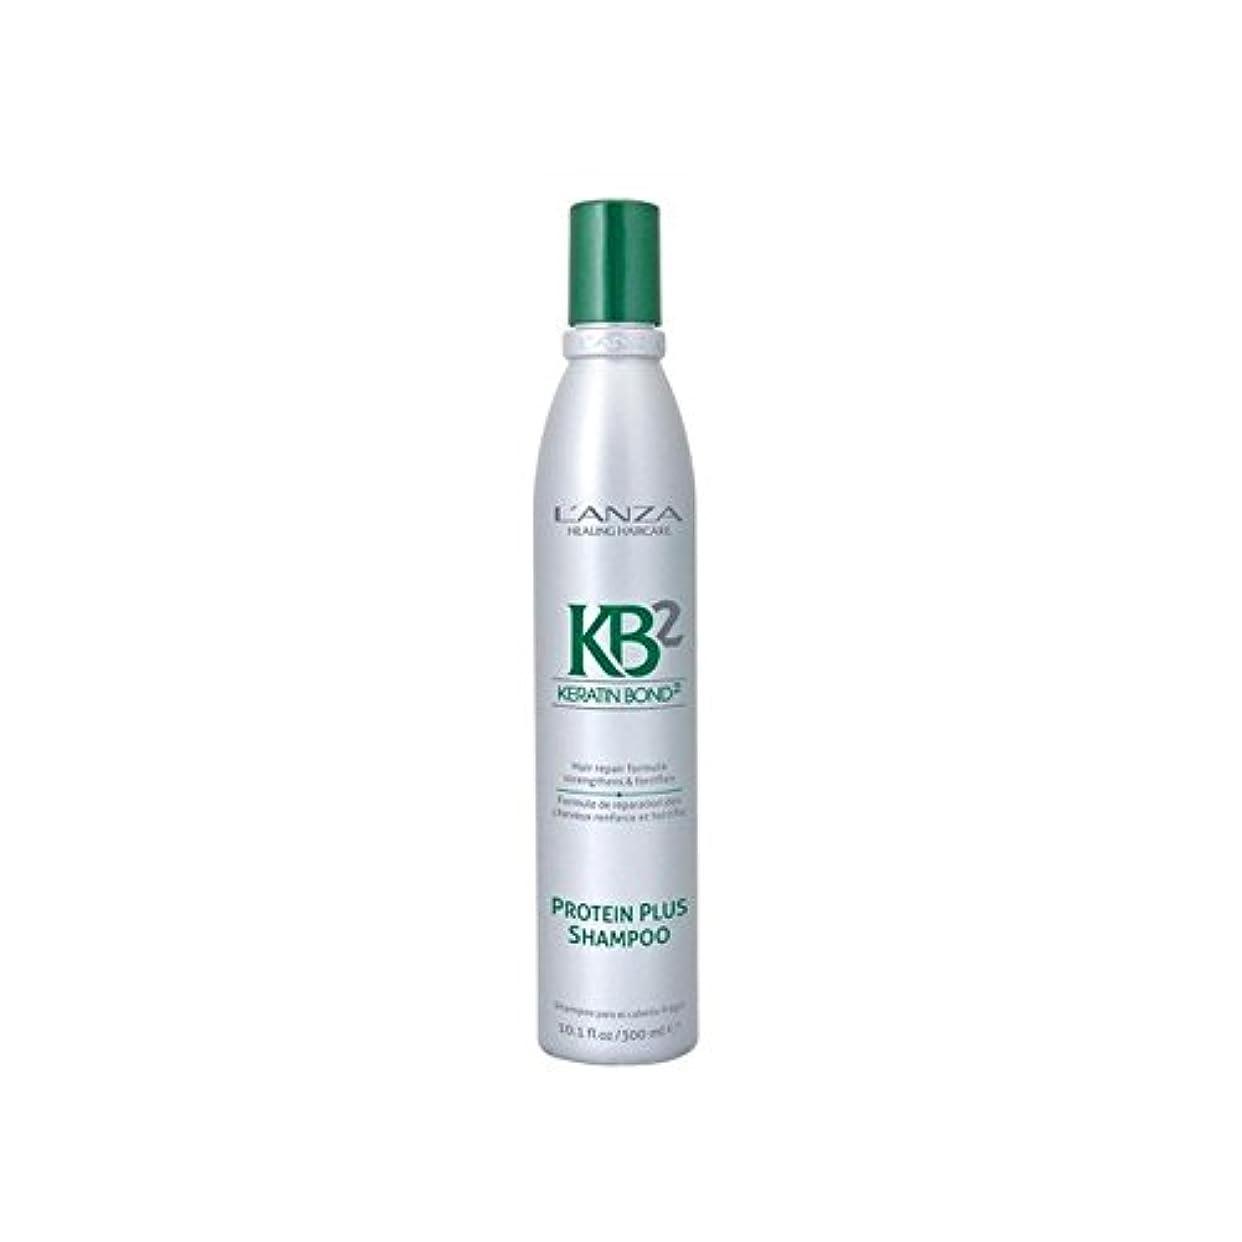 ペンフレンドウサギリア王アンザ2タンパク質プラスシャンプー(300ミリリットル) x4 - L'Anza Kb2 Protein Plus Shampoo (300ml) (Pack of 4) [並行輸入品]